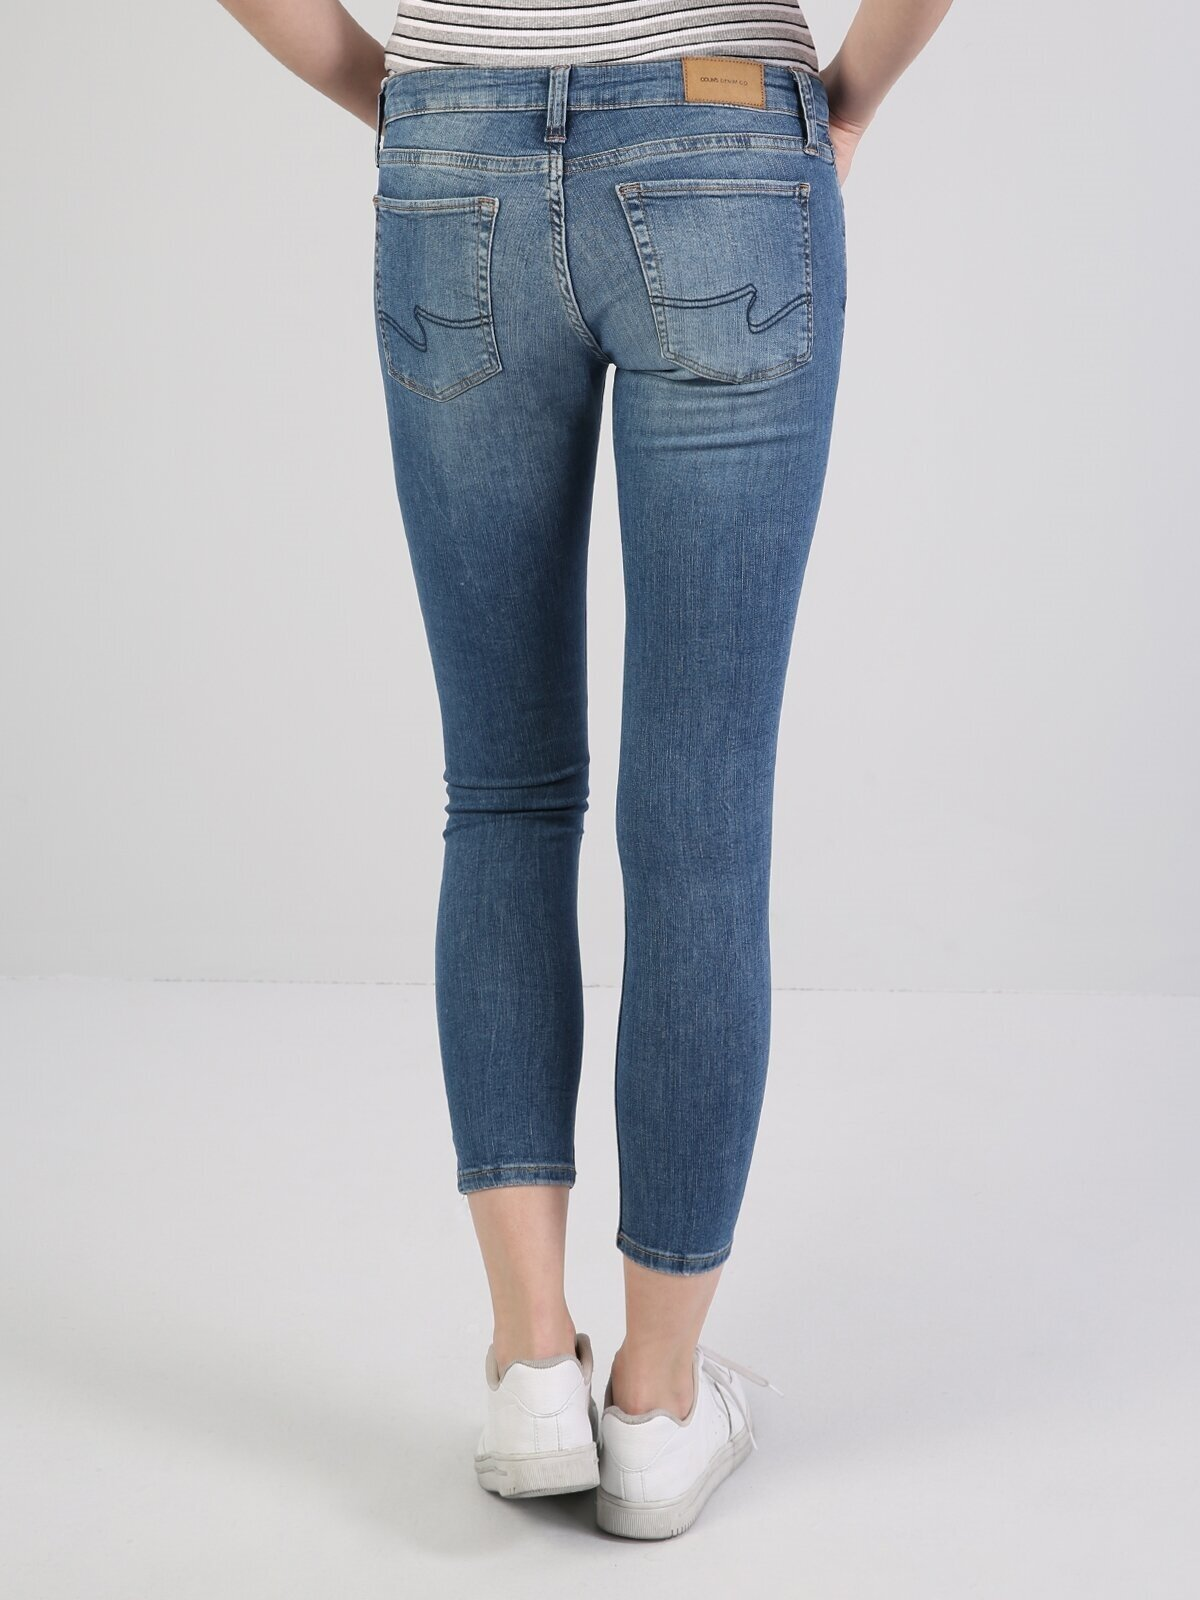 757 Sally Süper Düşük Bel Dar Paça Super Slim Fit Jean Kadın Jean Pantolon